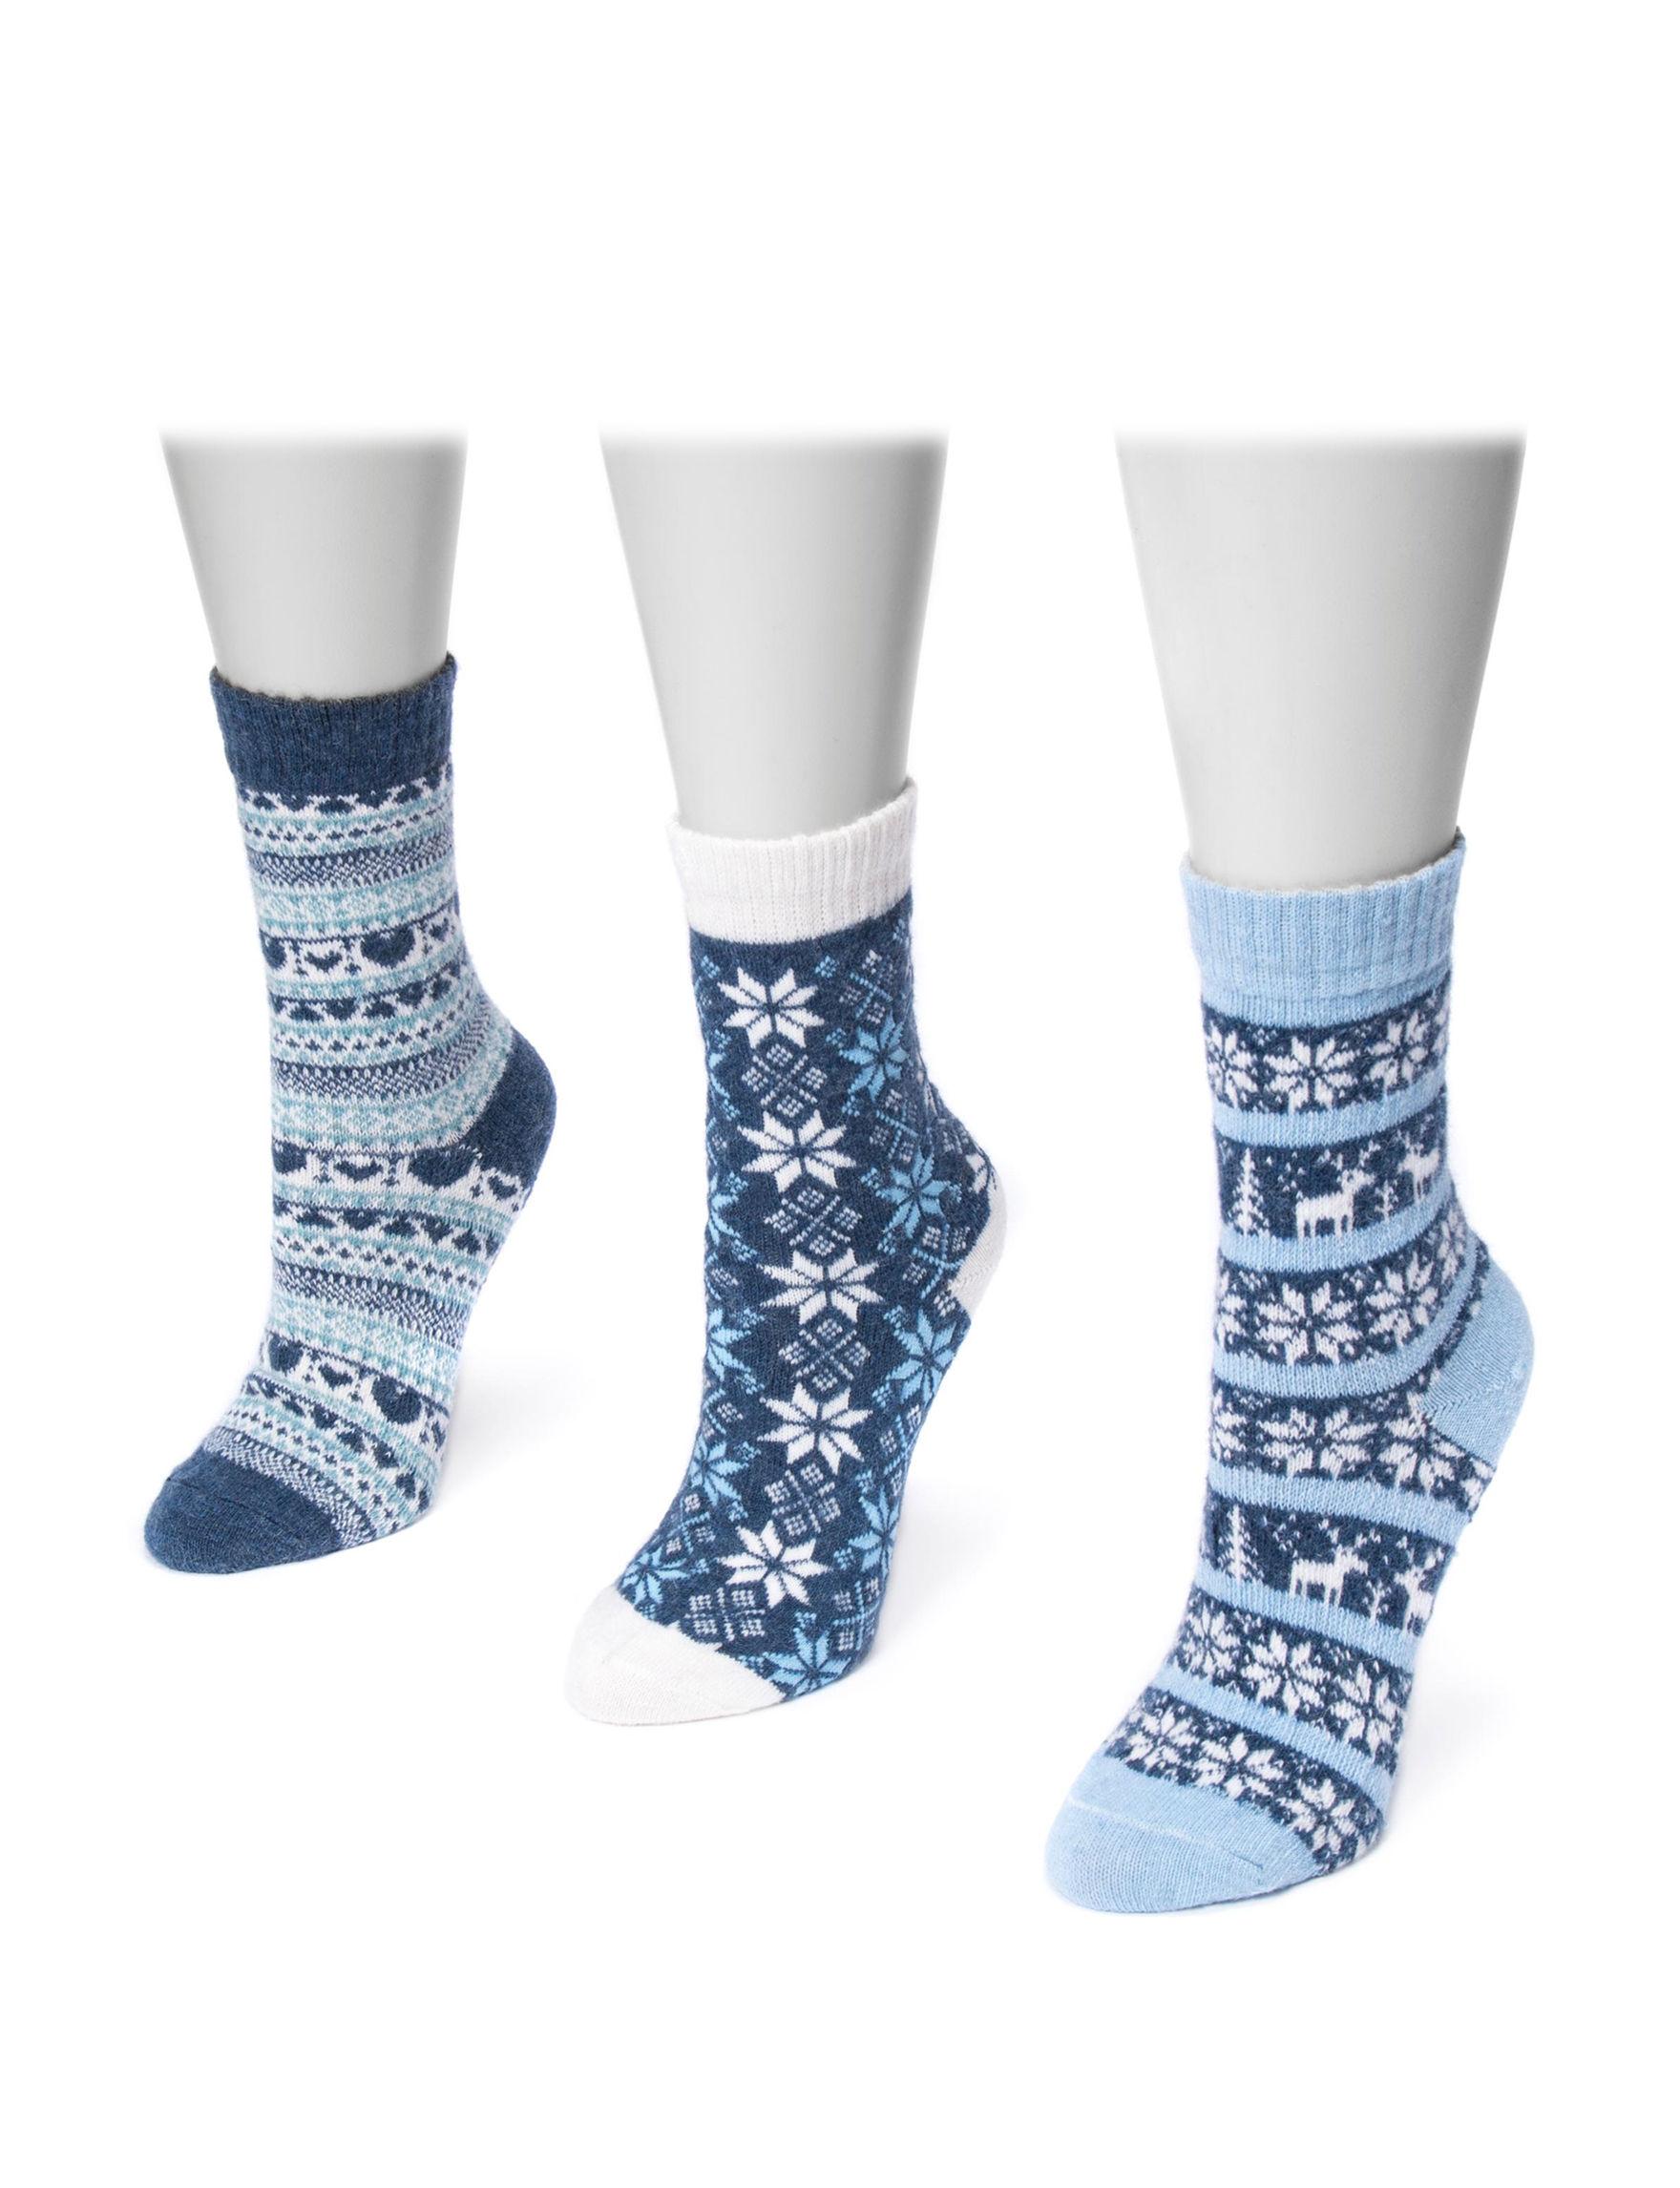 Muk Luks Blue / White Socks